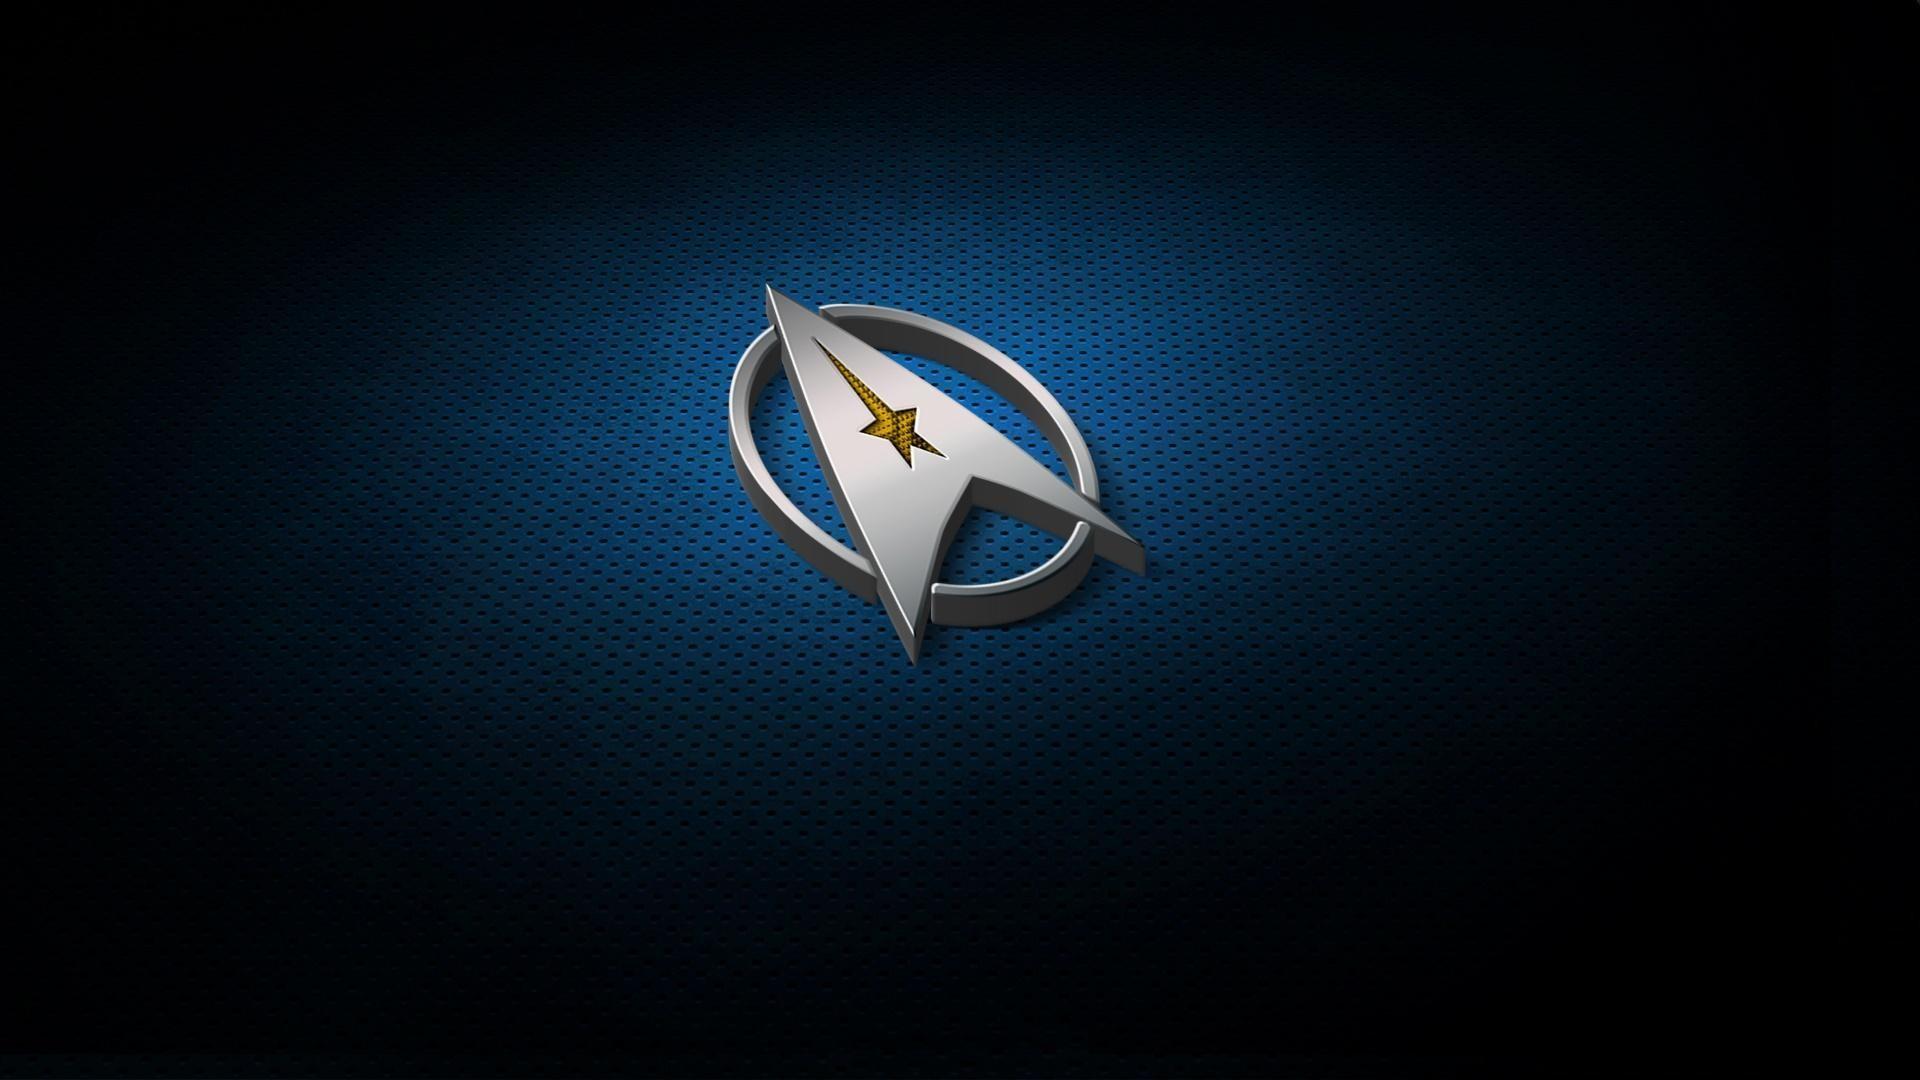 Free-download-logo-star-trek-wallpapers